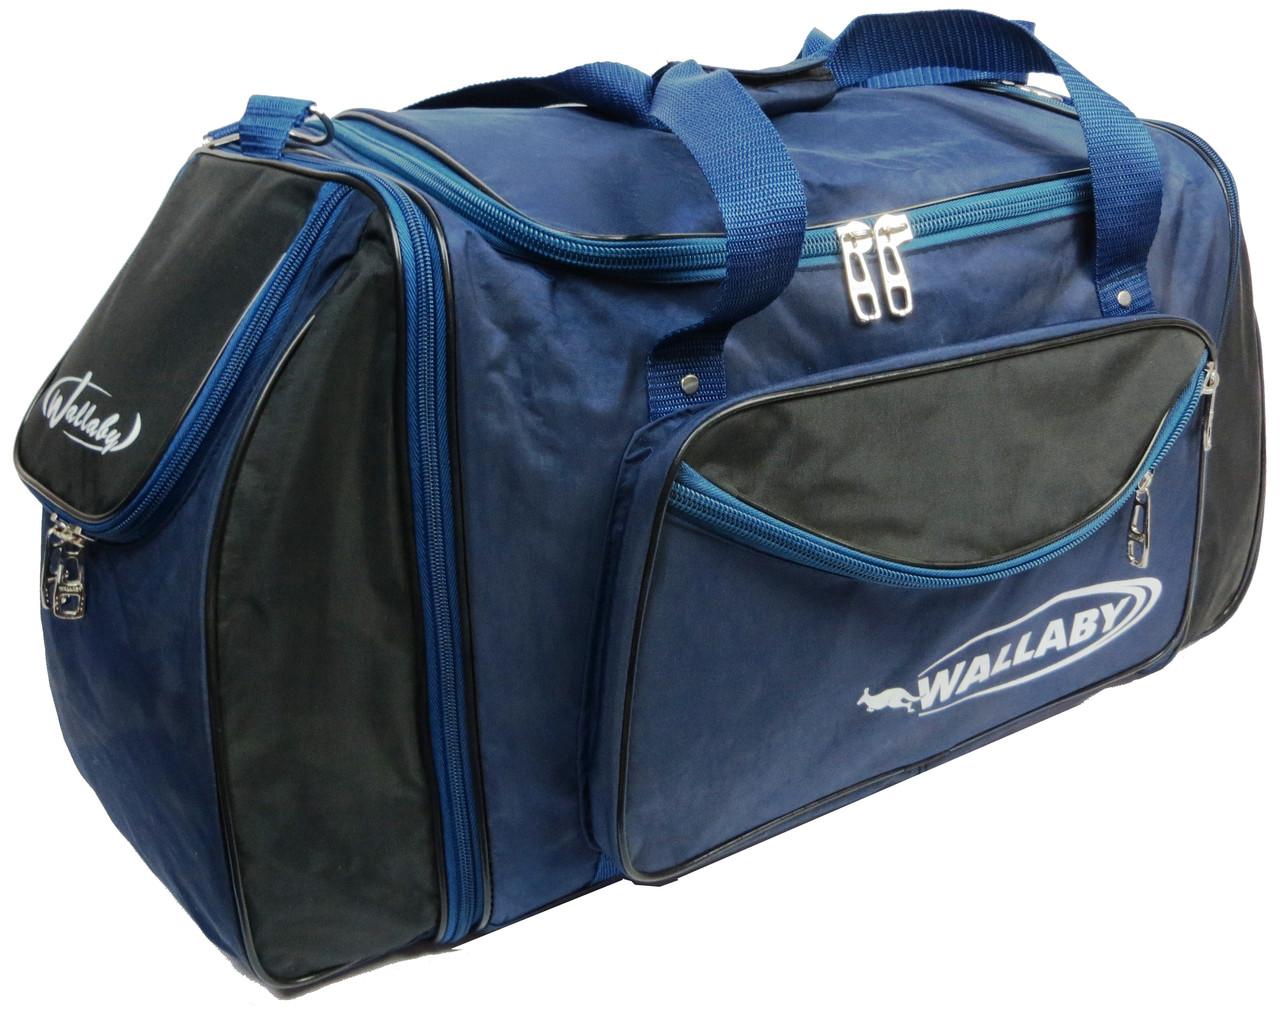 Спортивная сумка Wallaby 475-1 с расширением, 61 л, синий с черным